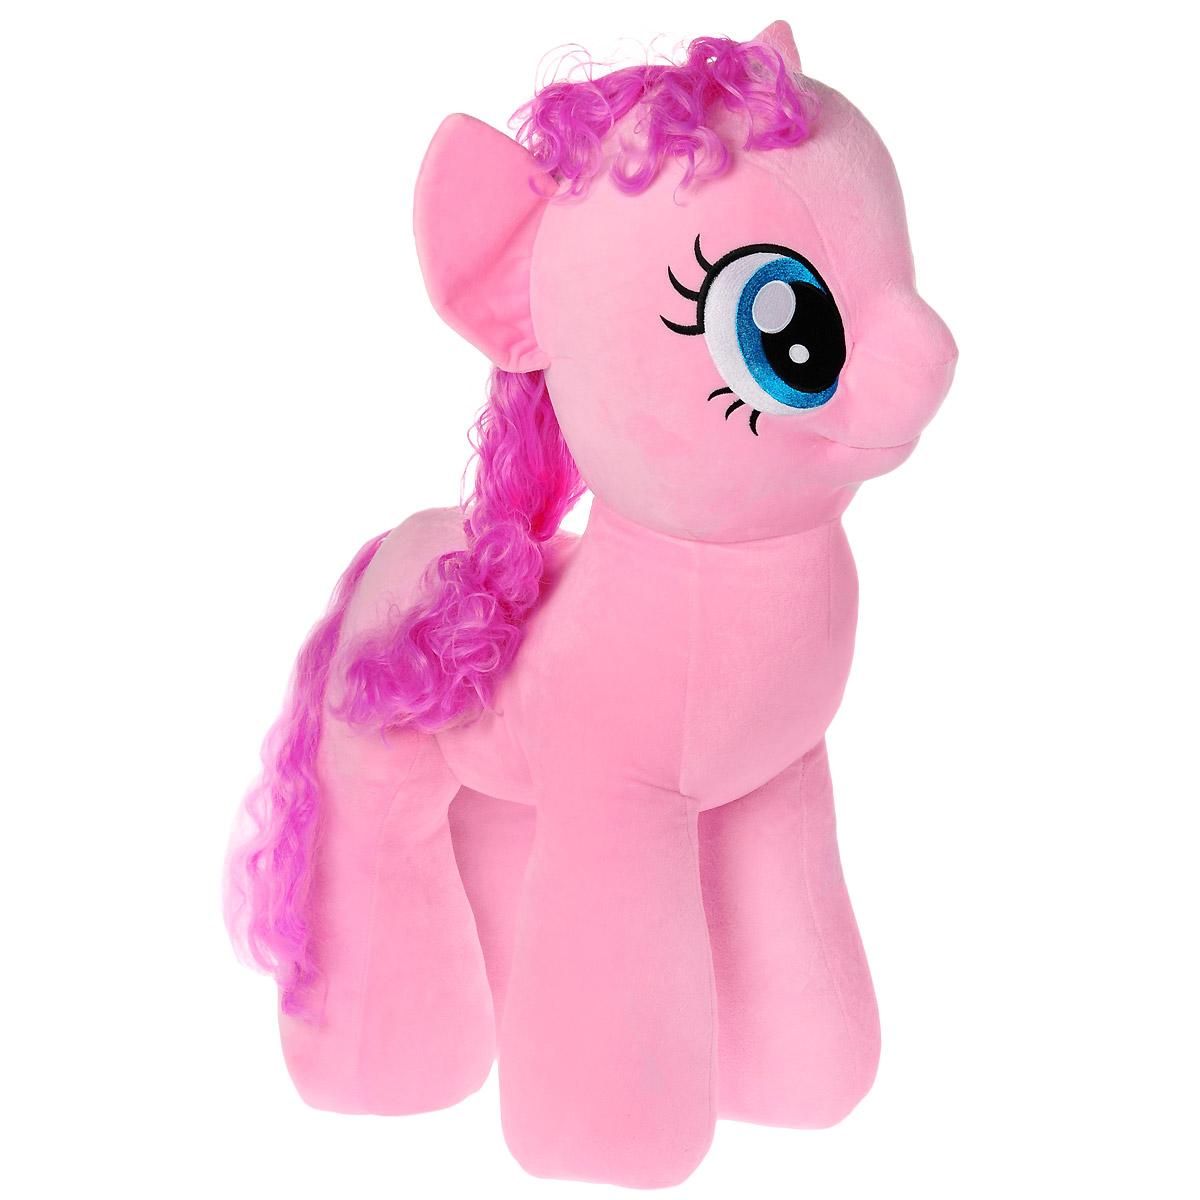 My Little Pony Мягкая игрушка Пони Pinkie Pie, 68 см90215Мягкая игрушка Pinkie Pie выполнена в виде очаровательной пони розового цвета с длинным хвостом и роскошной вьющейся гривой. Игрушка изготовлена из высококачественного текстильного материала с набивкой из синтепона. Грива и хвостик Пинки выполнены из мягкого текстиля, их можно заплетать и расчесывать. Игрушка имеет специальные уплотнения в ногах, что позволяет ей стоять самостоятельно, без опоры. Как и все игрушки серии Beanie Buddy, она изготовлена вручную, с любовью и вниманием к деталям. Пинки Пай - жизнерадостная и задорная пони, больше всего на свете она любит шутить и веселиться, но ее шутки всегда добрые и никто на них не обижается. Она живет и работает в кондитерской, и обожает сладости. А еще Пинки устраивает лучшие вечеринки в Понивилле! Удивительно мягкая игрушка принесет радость и подарит своему обладателю мгновения нежных объятий и приятных воспоминаний. Великолепное качество исполнения делают эту игрушку чудесным подарком к любому празднику.